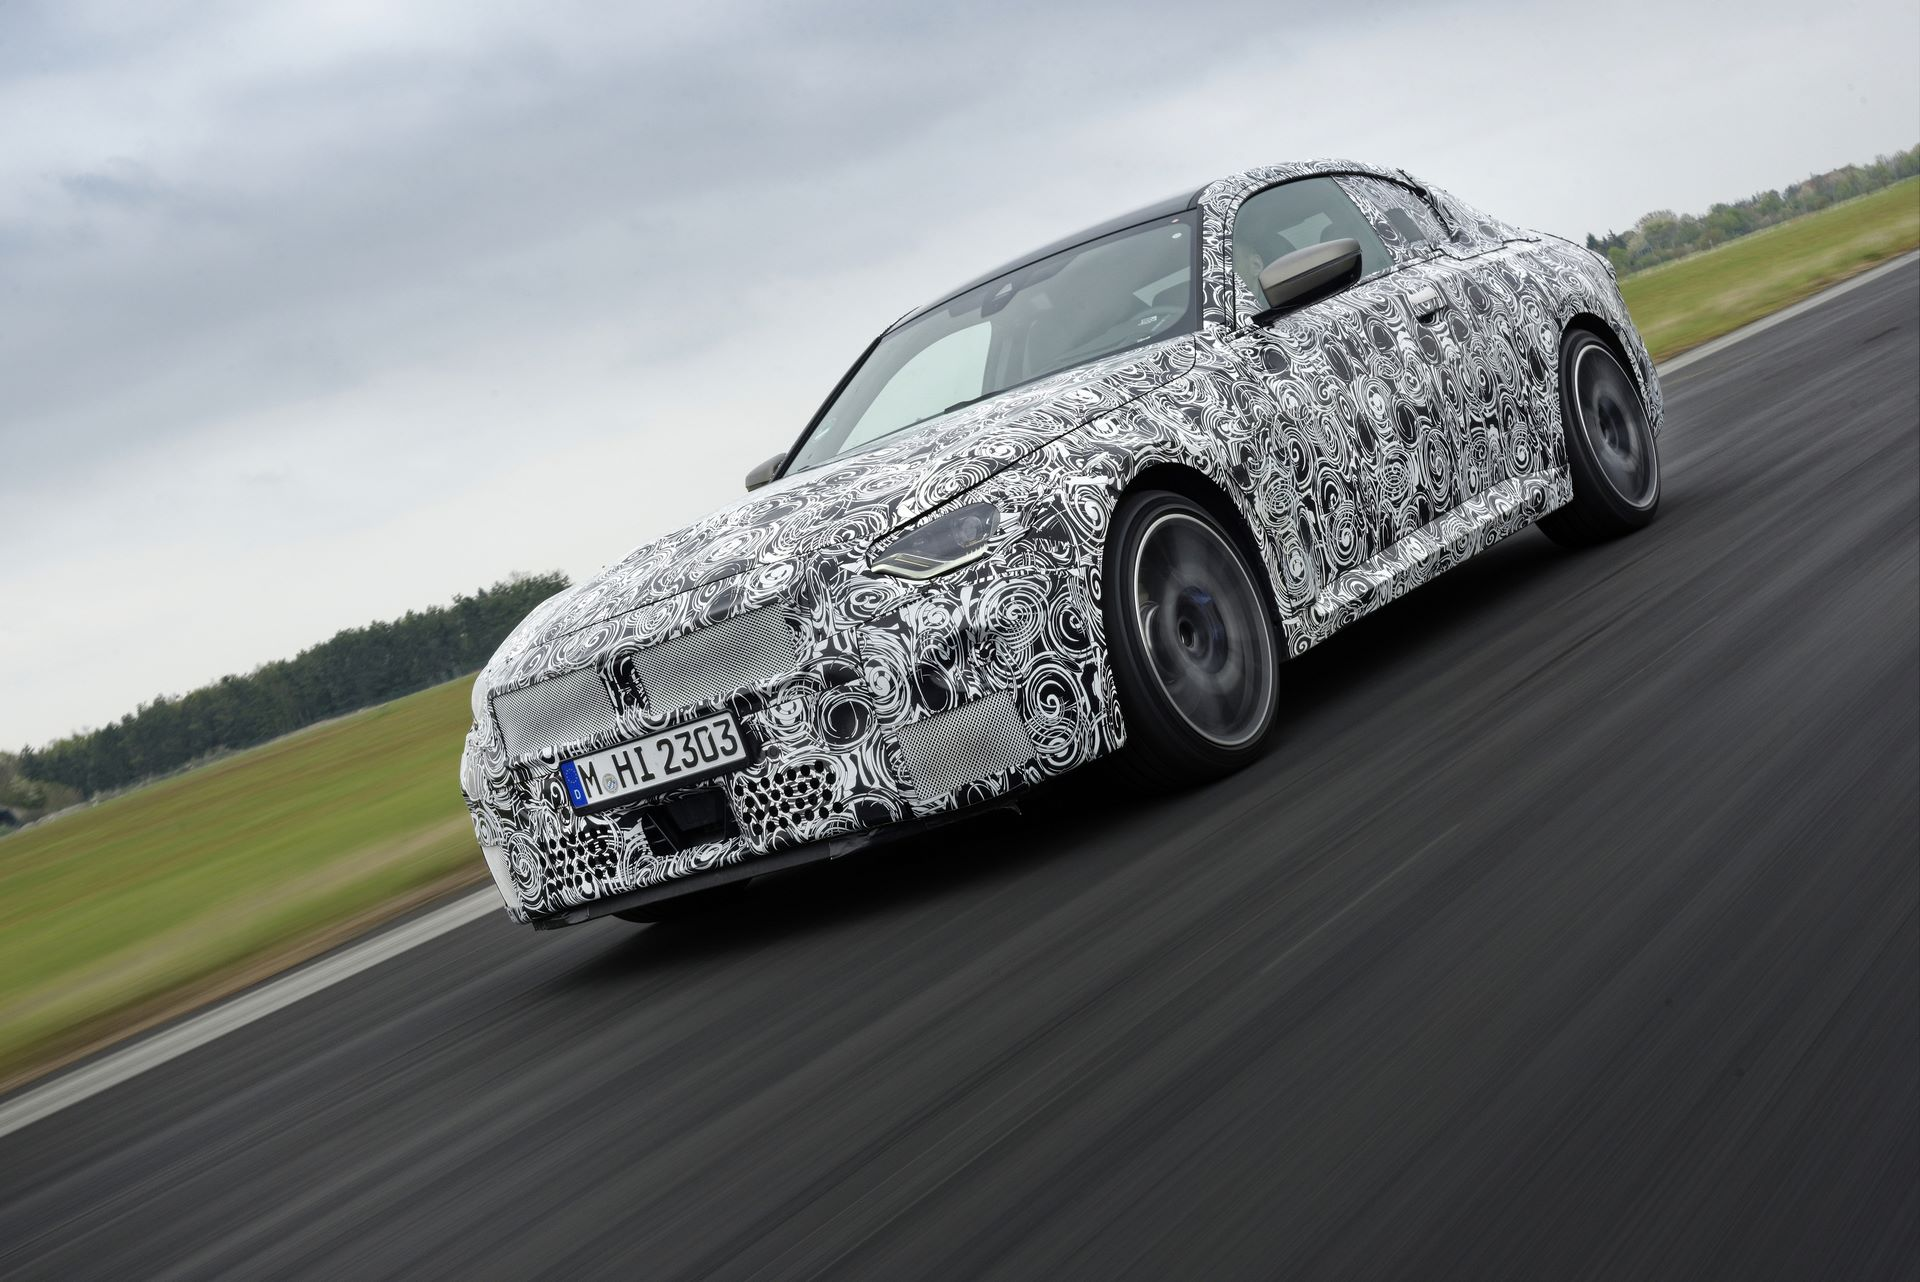 BMW-2-Series-M240i-spy-photos-62